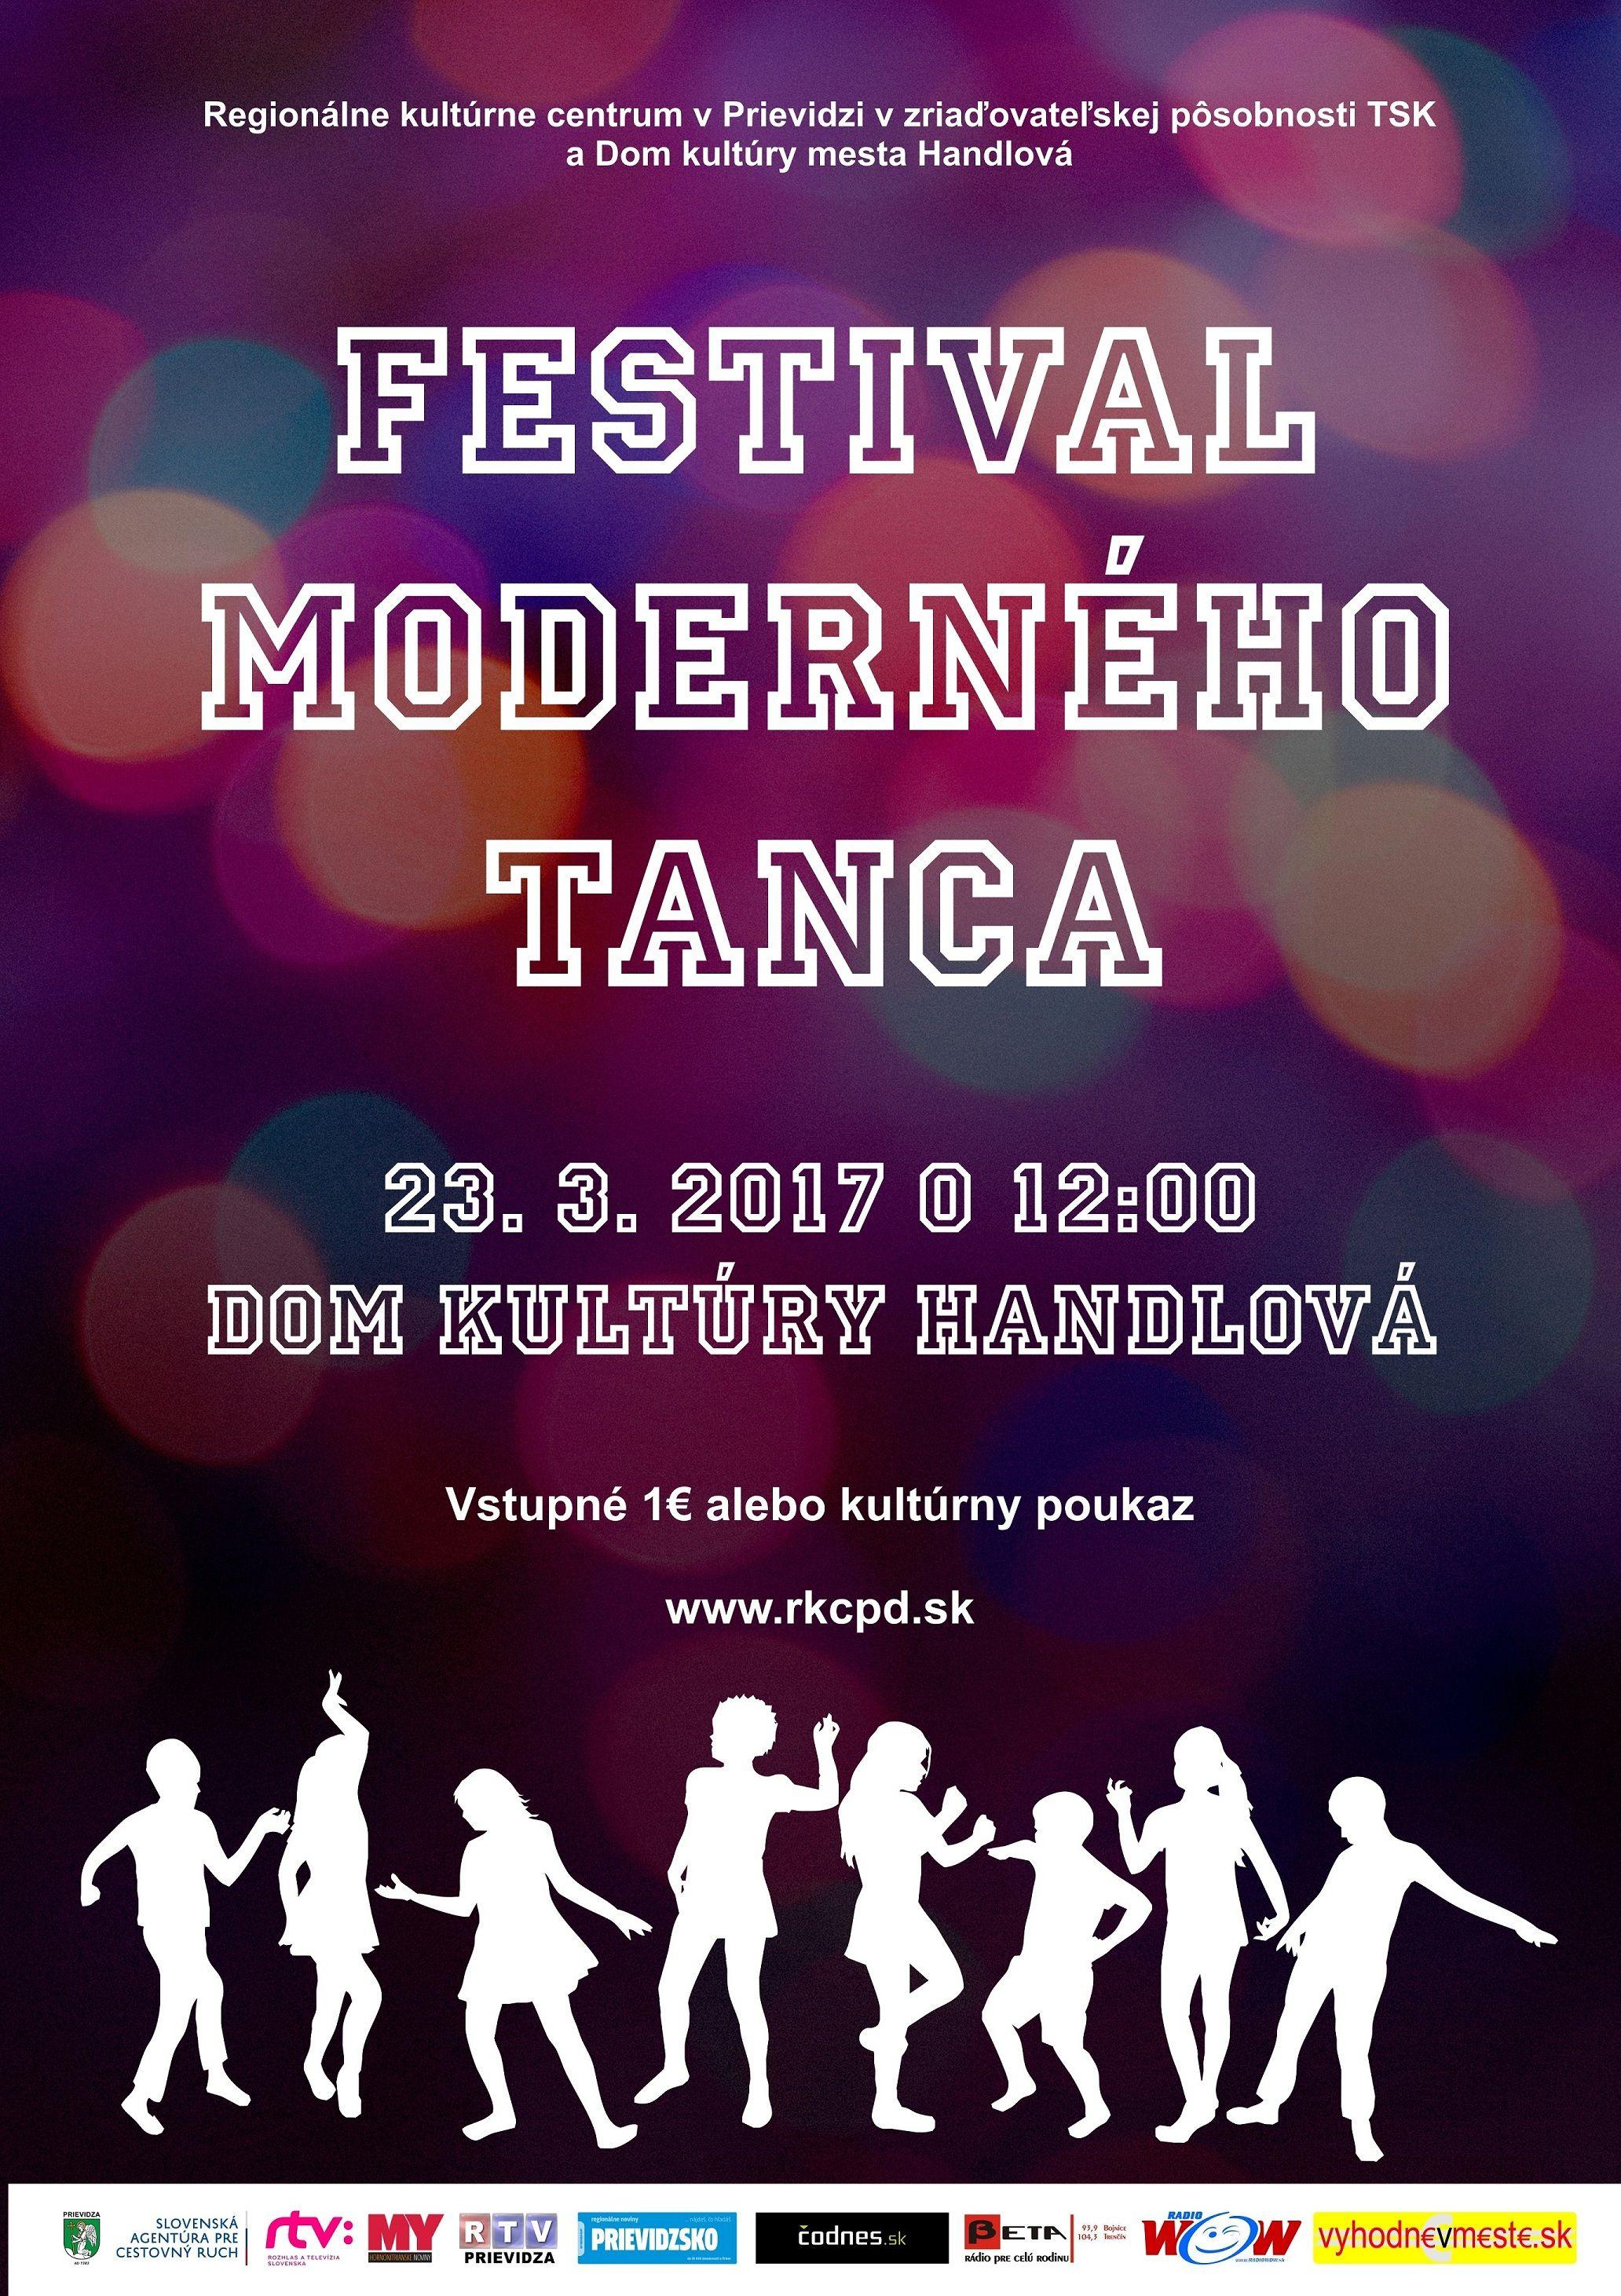 Festival moderného tanca